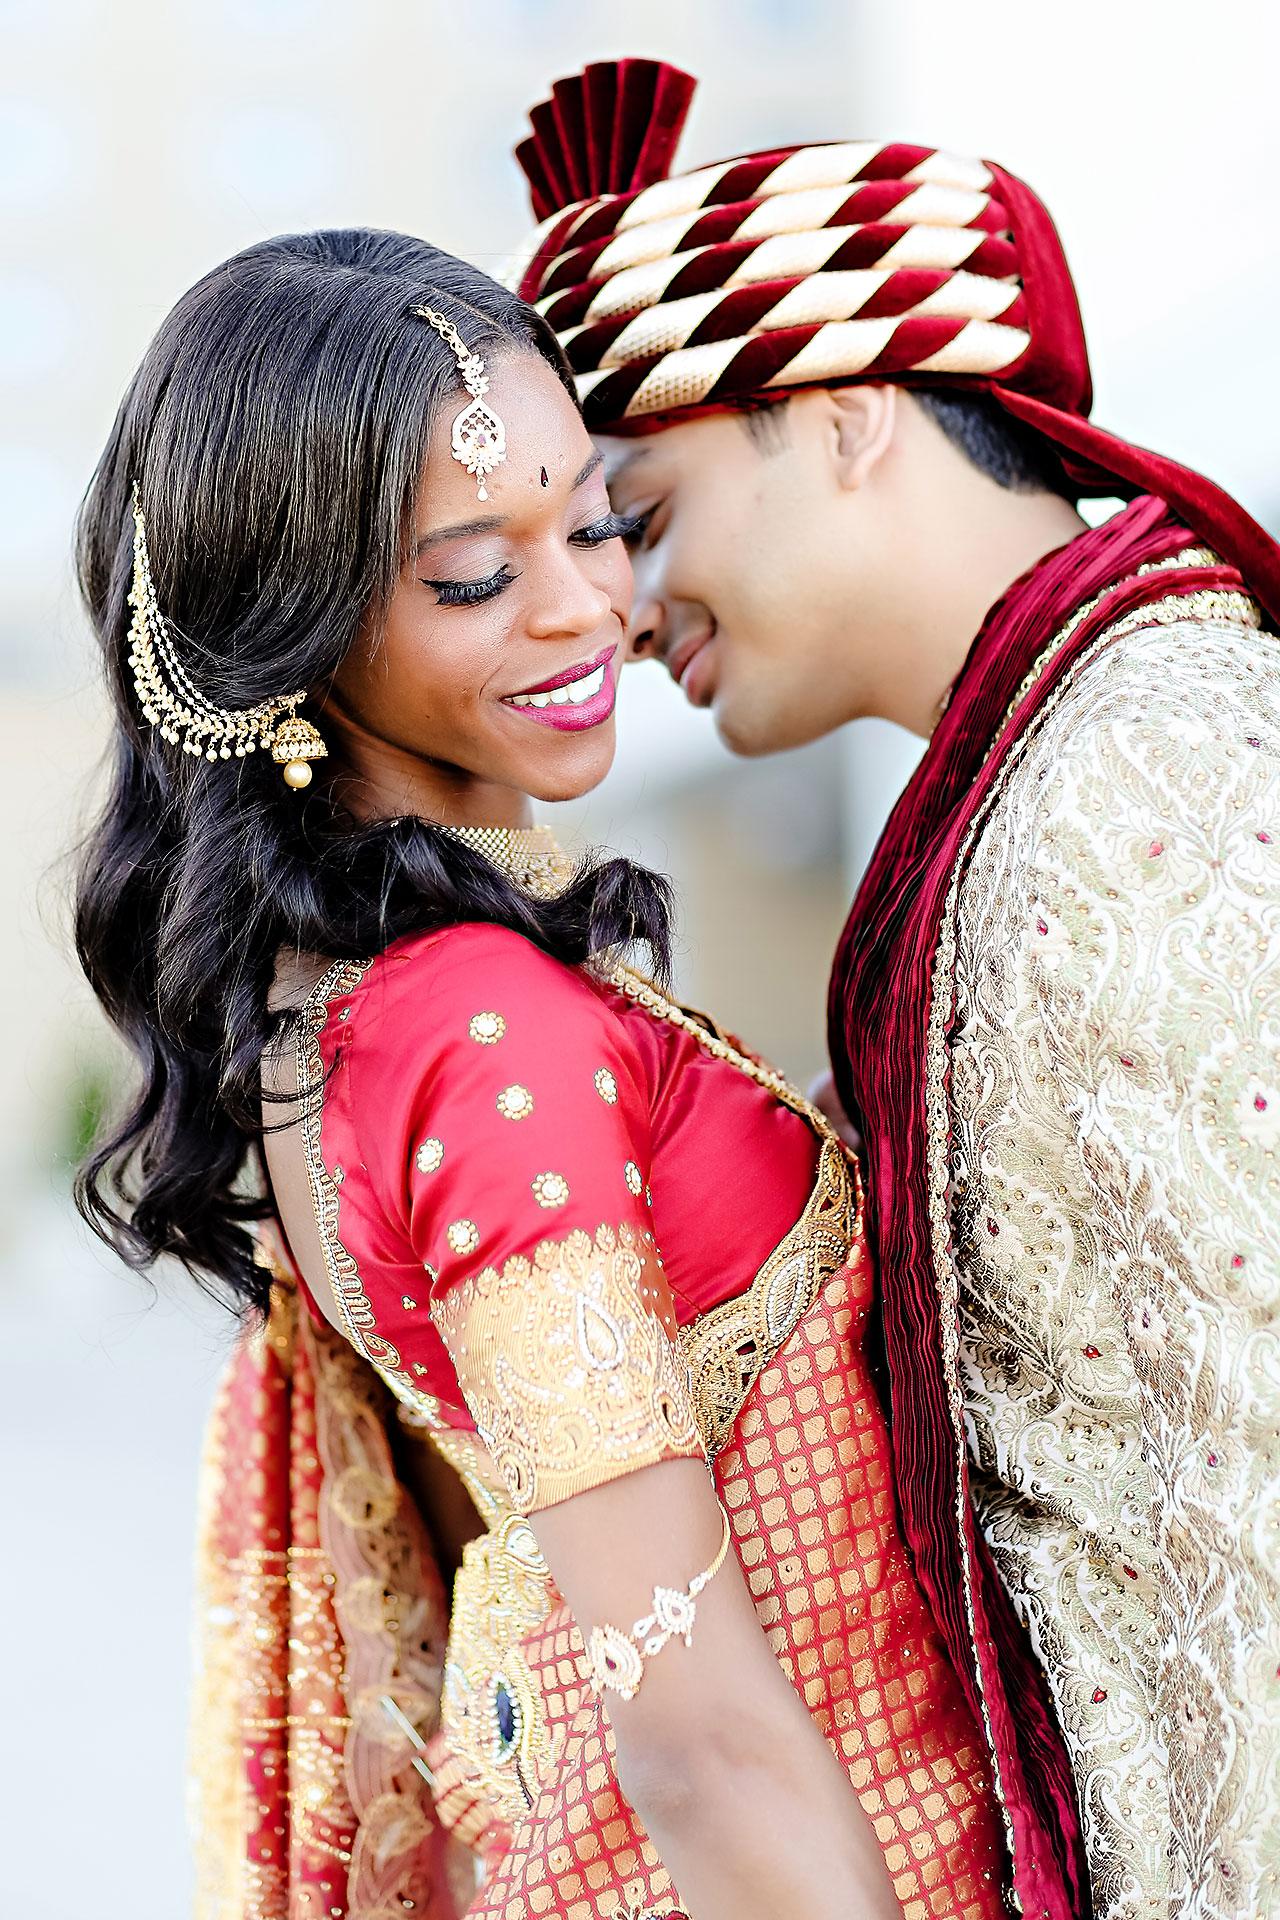 Joie Nikhil JW Marriott Indian Wedding 071